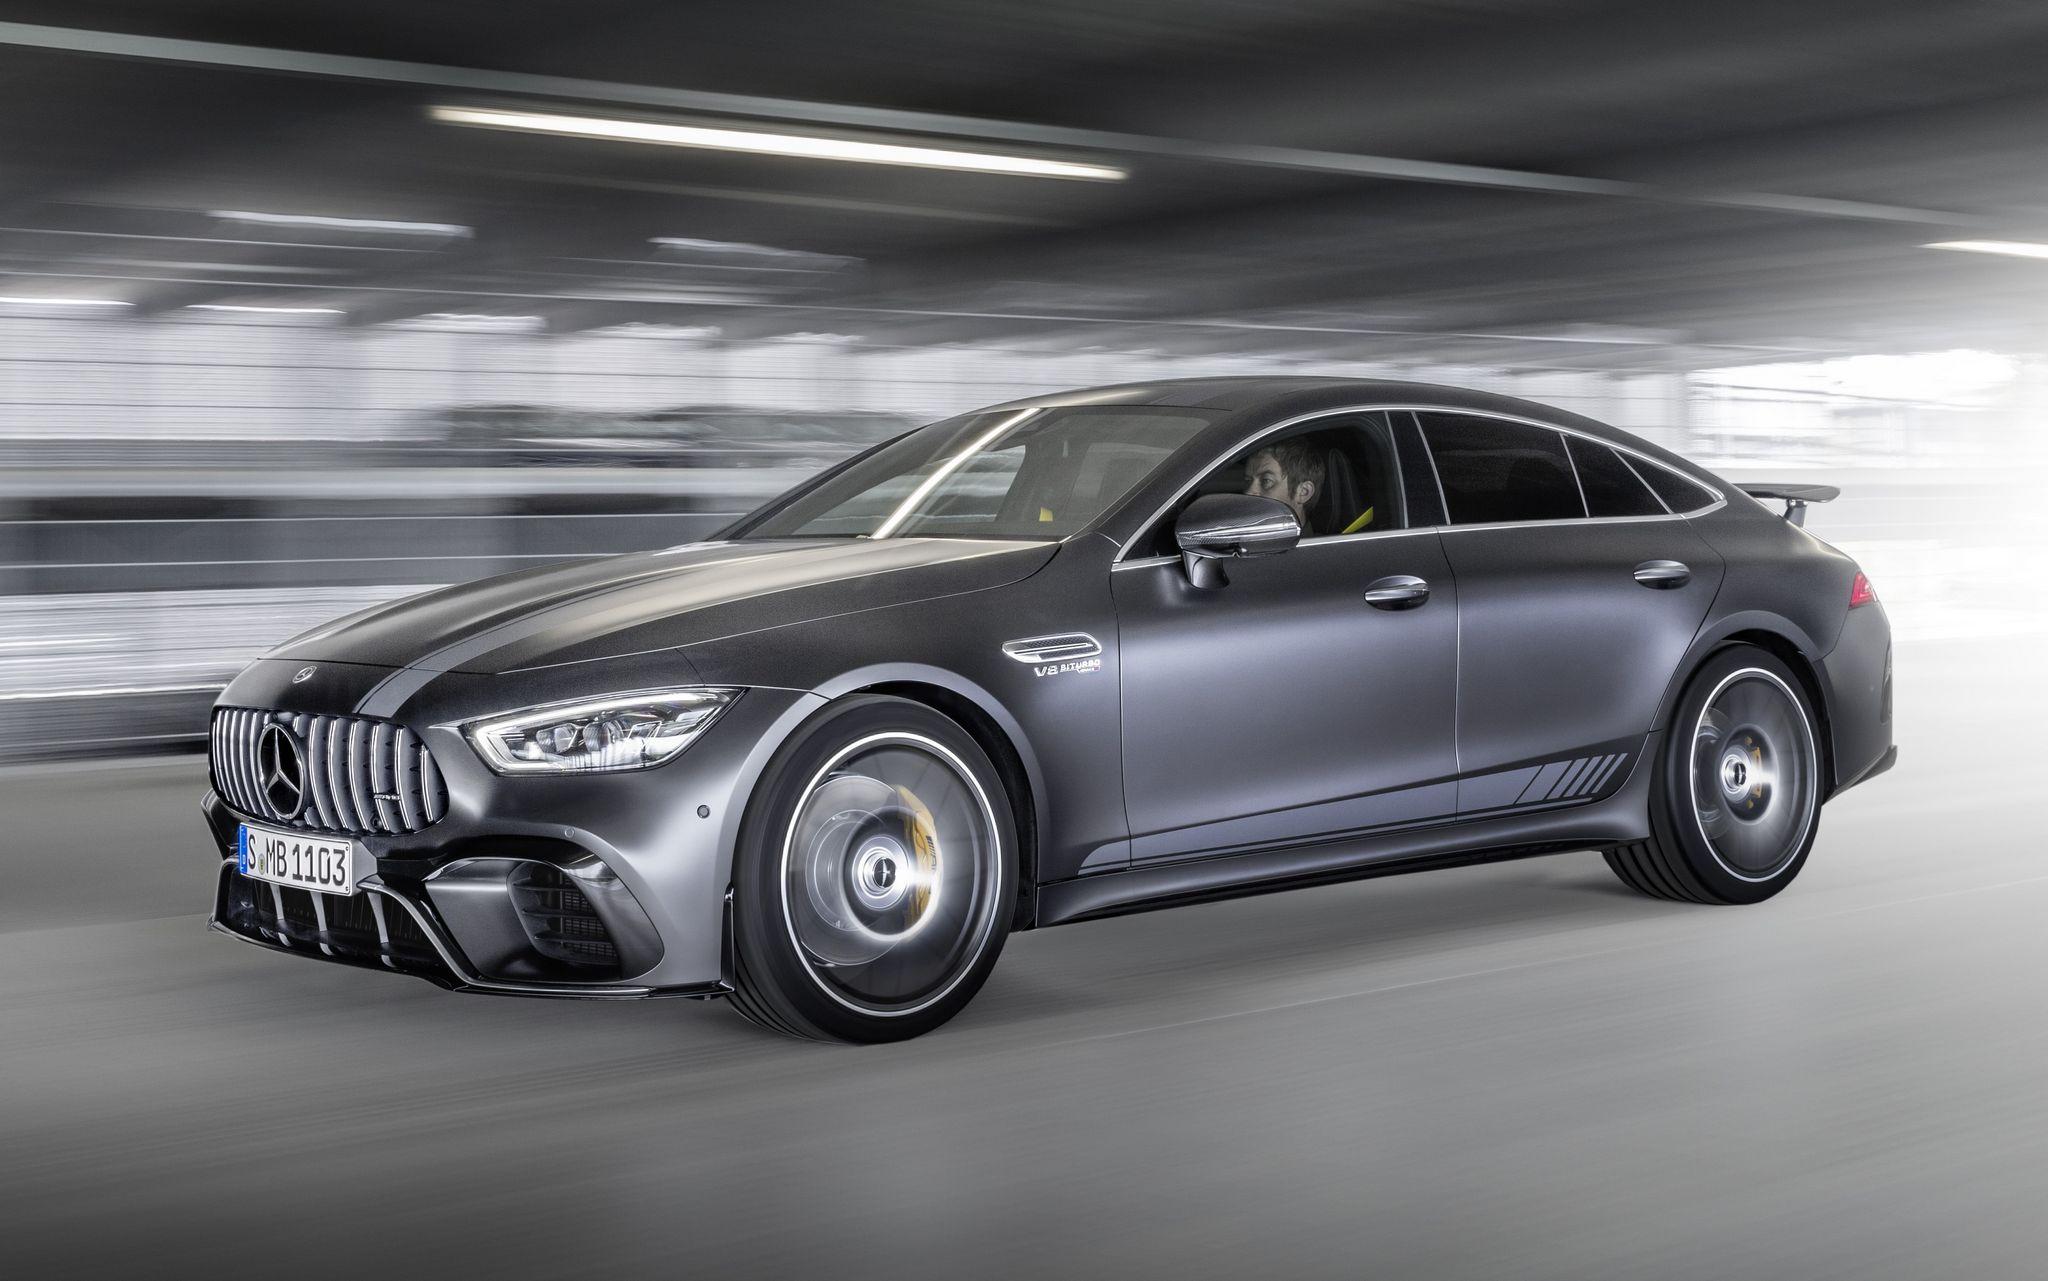 Новый Mercedes-AMG GT 63 S: версия Edition 1 выходит на рынок Европы